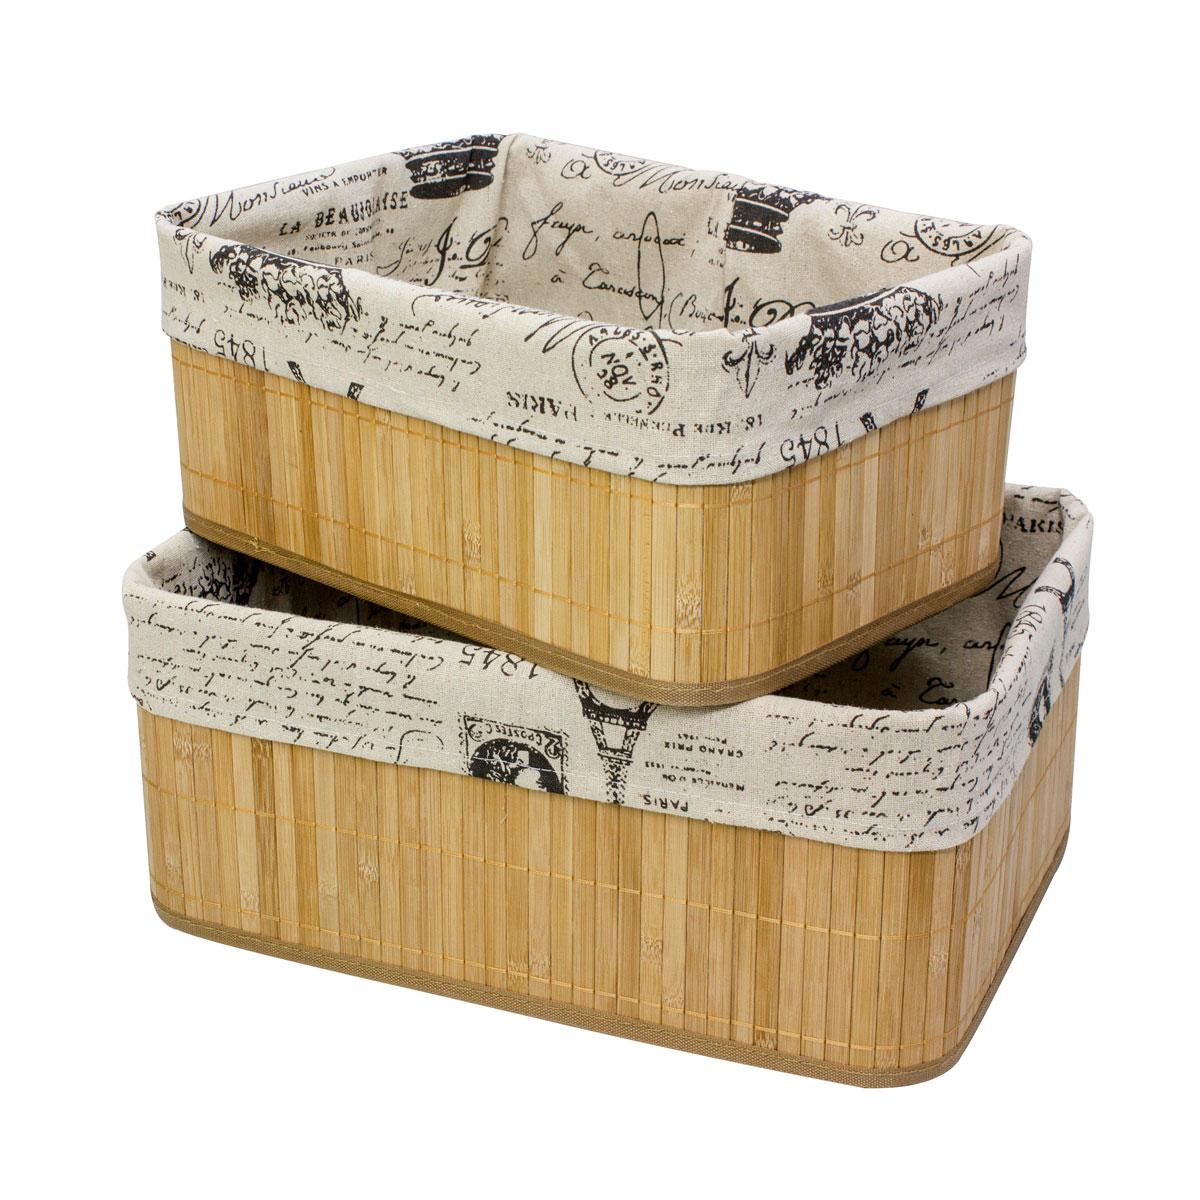 Набор коробов для хранения Ecowoo Газетный стиль, 2 предмета, цвет: светлое деревоBBS-2Марка Ecowoo предлагает новое удобное решение для хранения полезных мелочей - набор универсальных коробов из бамбука. Прекрасная вместительность, экологичный материал и актуальный дизайн - все эти достоинства делают набор незаменимым в любом доме. Модель Газетный стиль